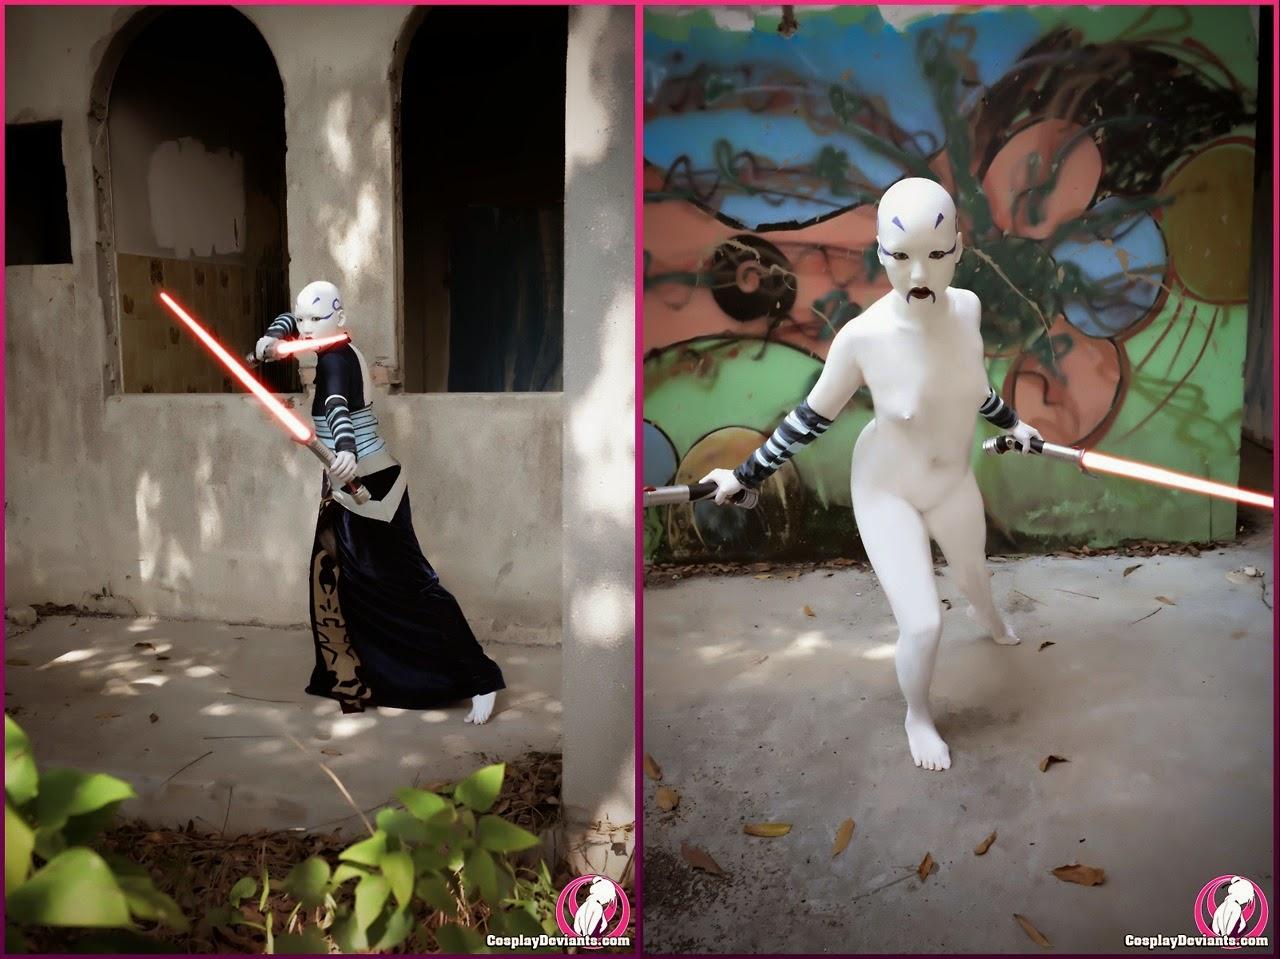 dyptique de photo de cosplay d'une sith habillée et nue avec deux sabres lasers